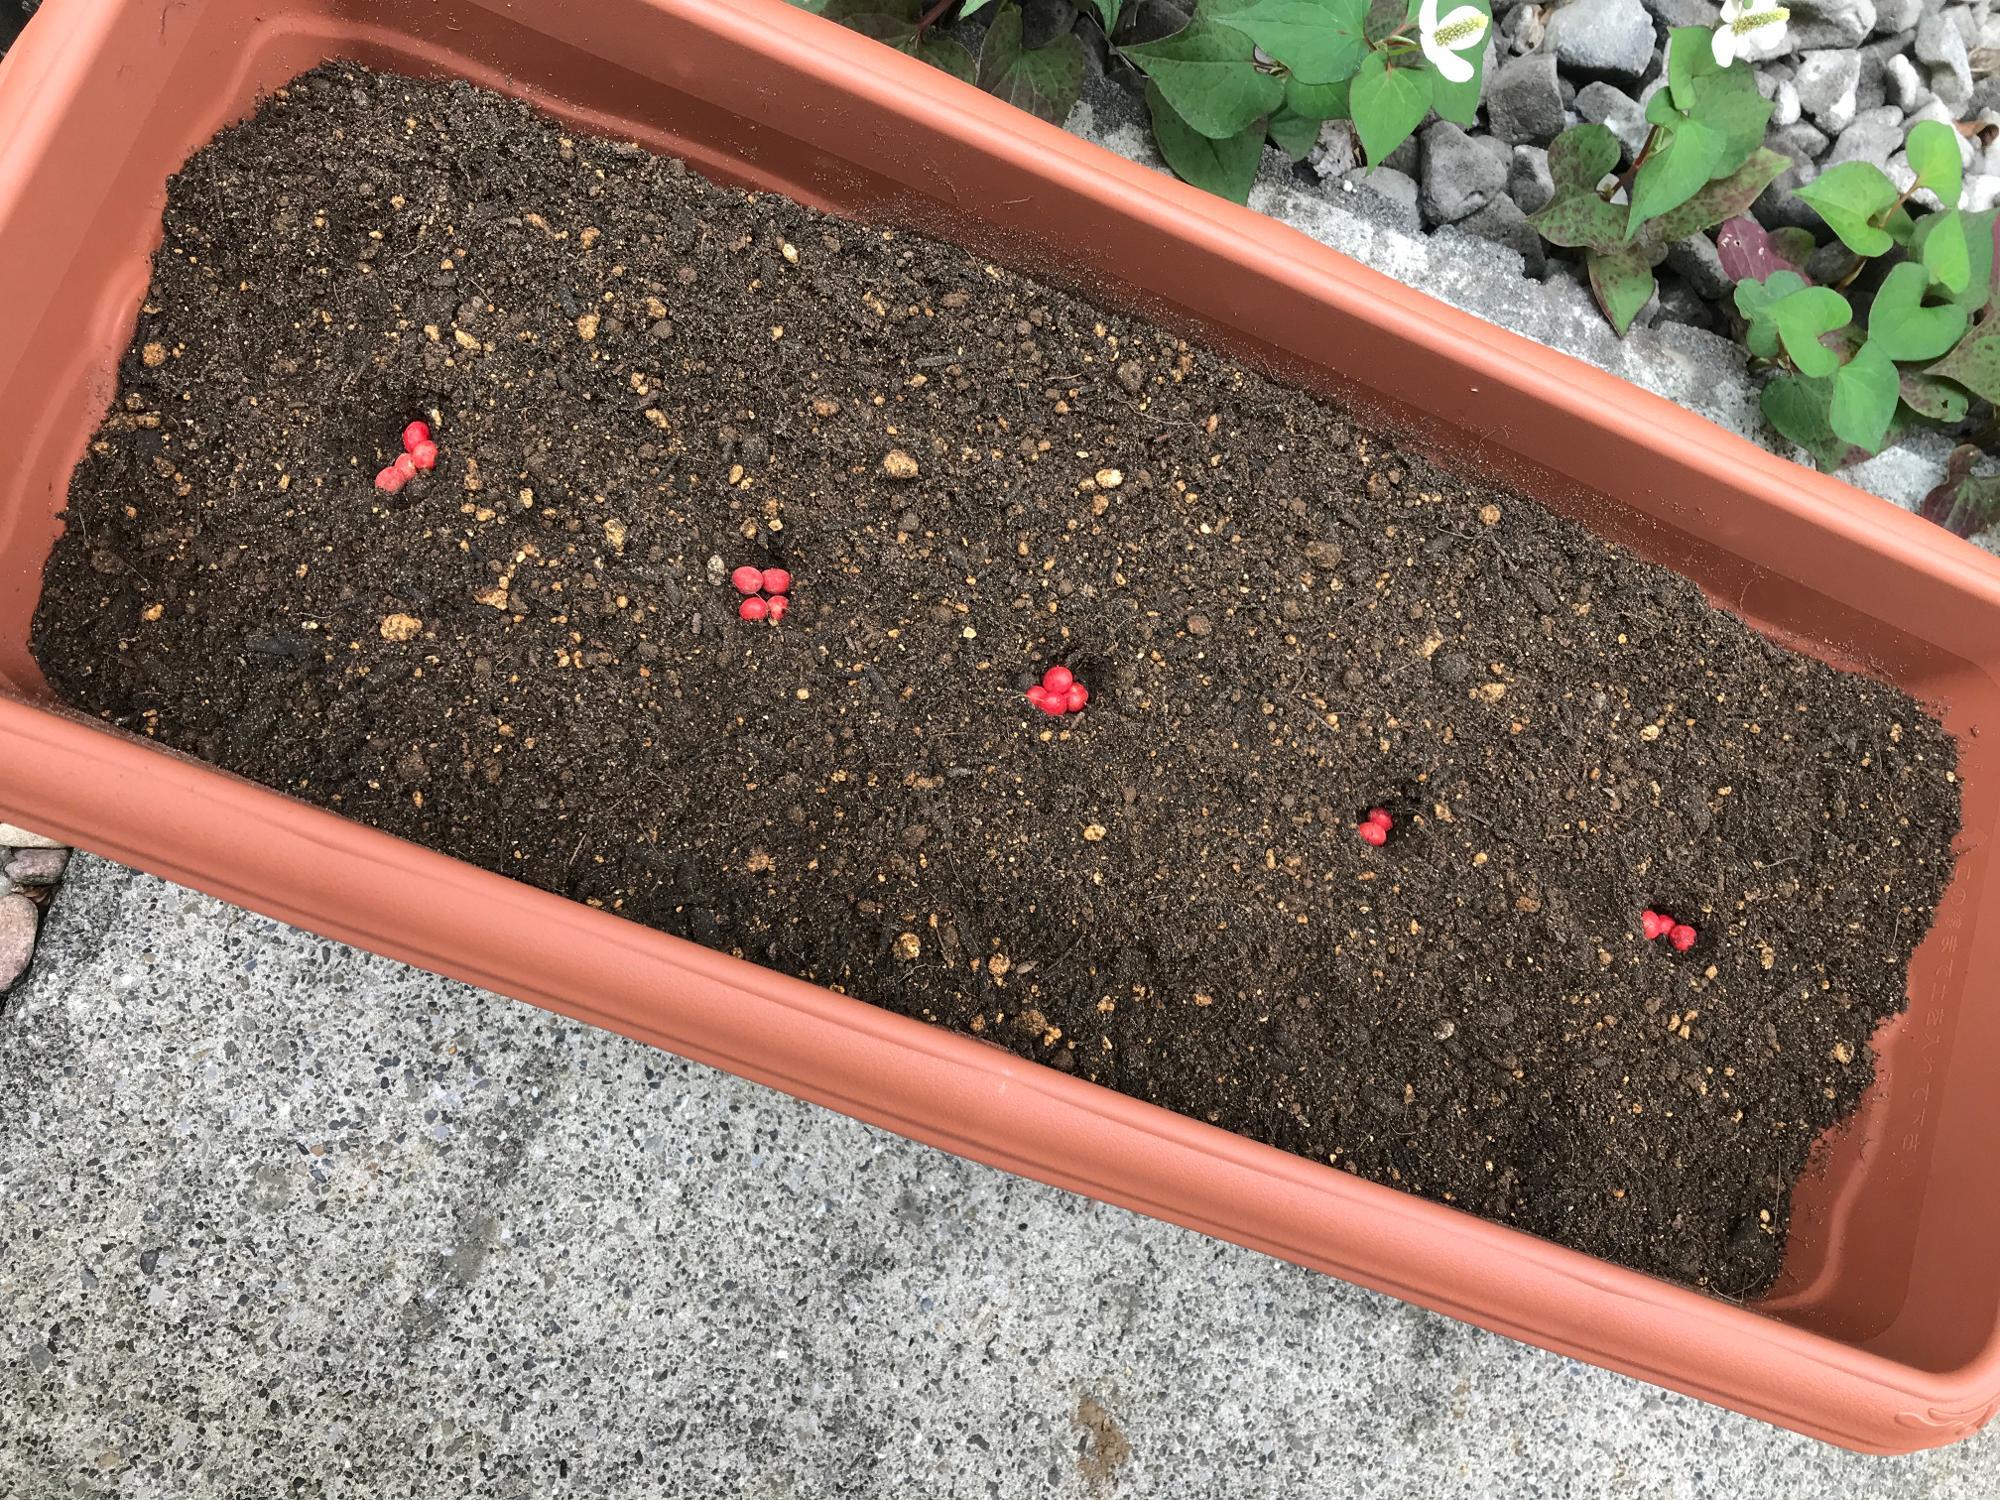 「広い畑で育ちたかっただろうに、ごめんよ」と申し訳なさを感じながらも、プランターに大豆をまきまき。